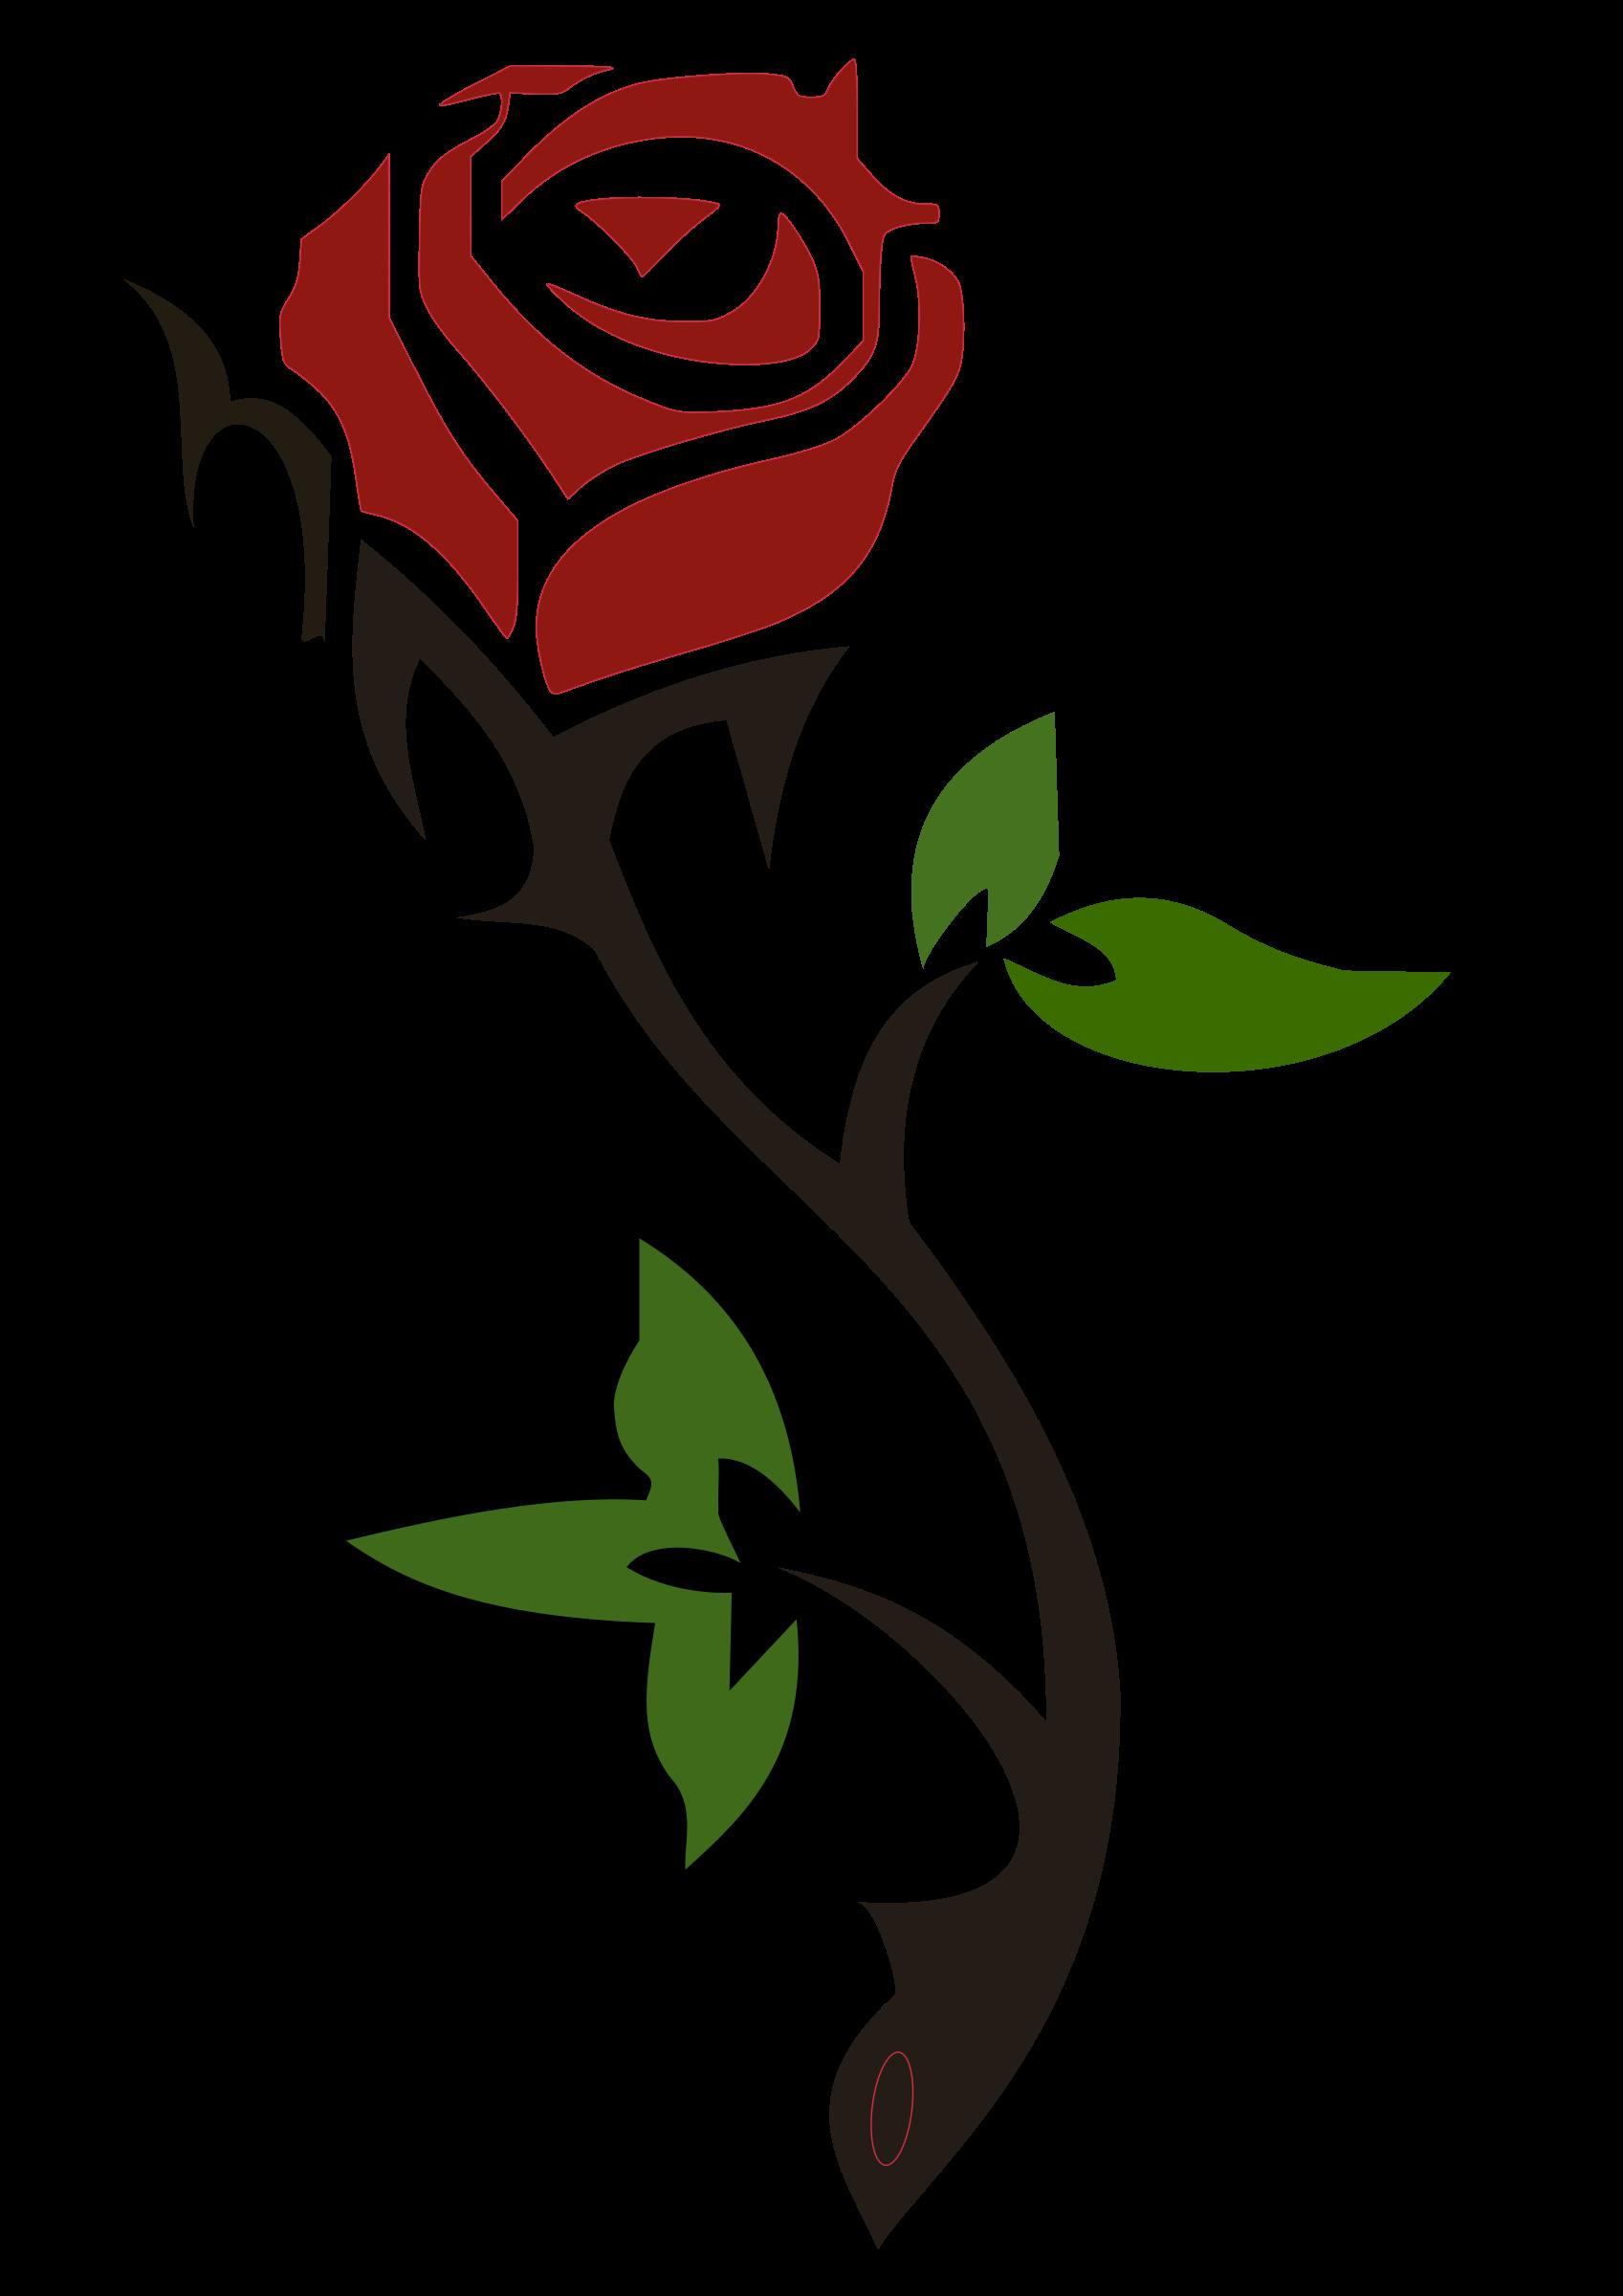 Rose clipart basic.